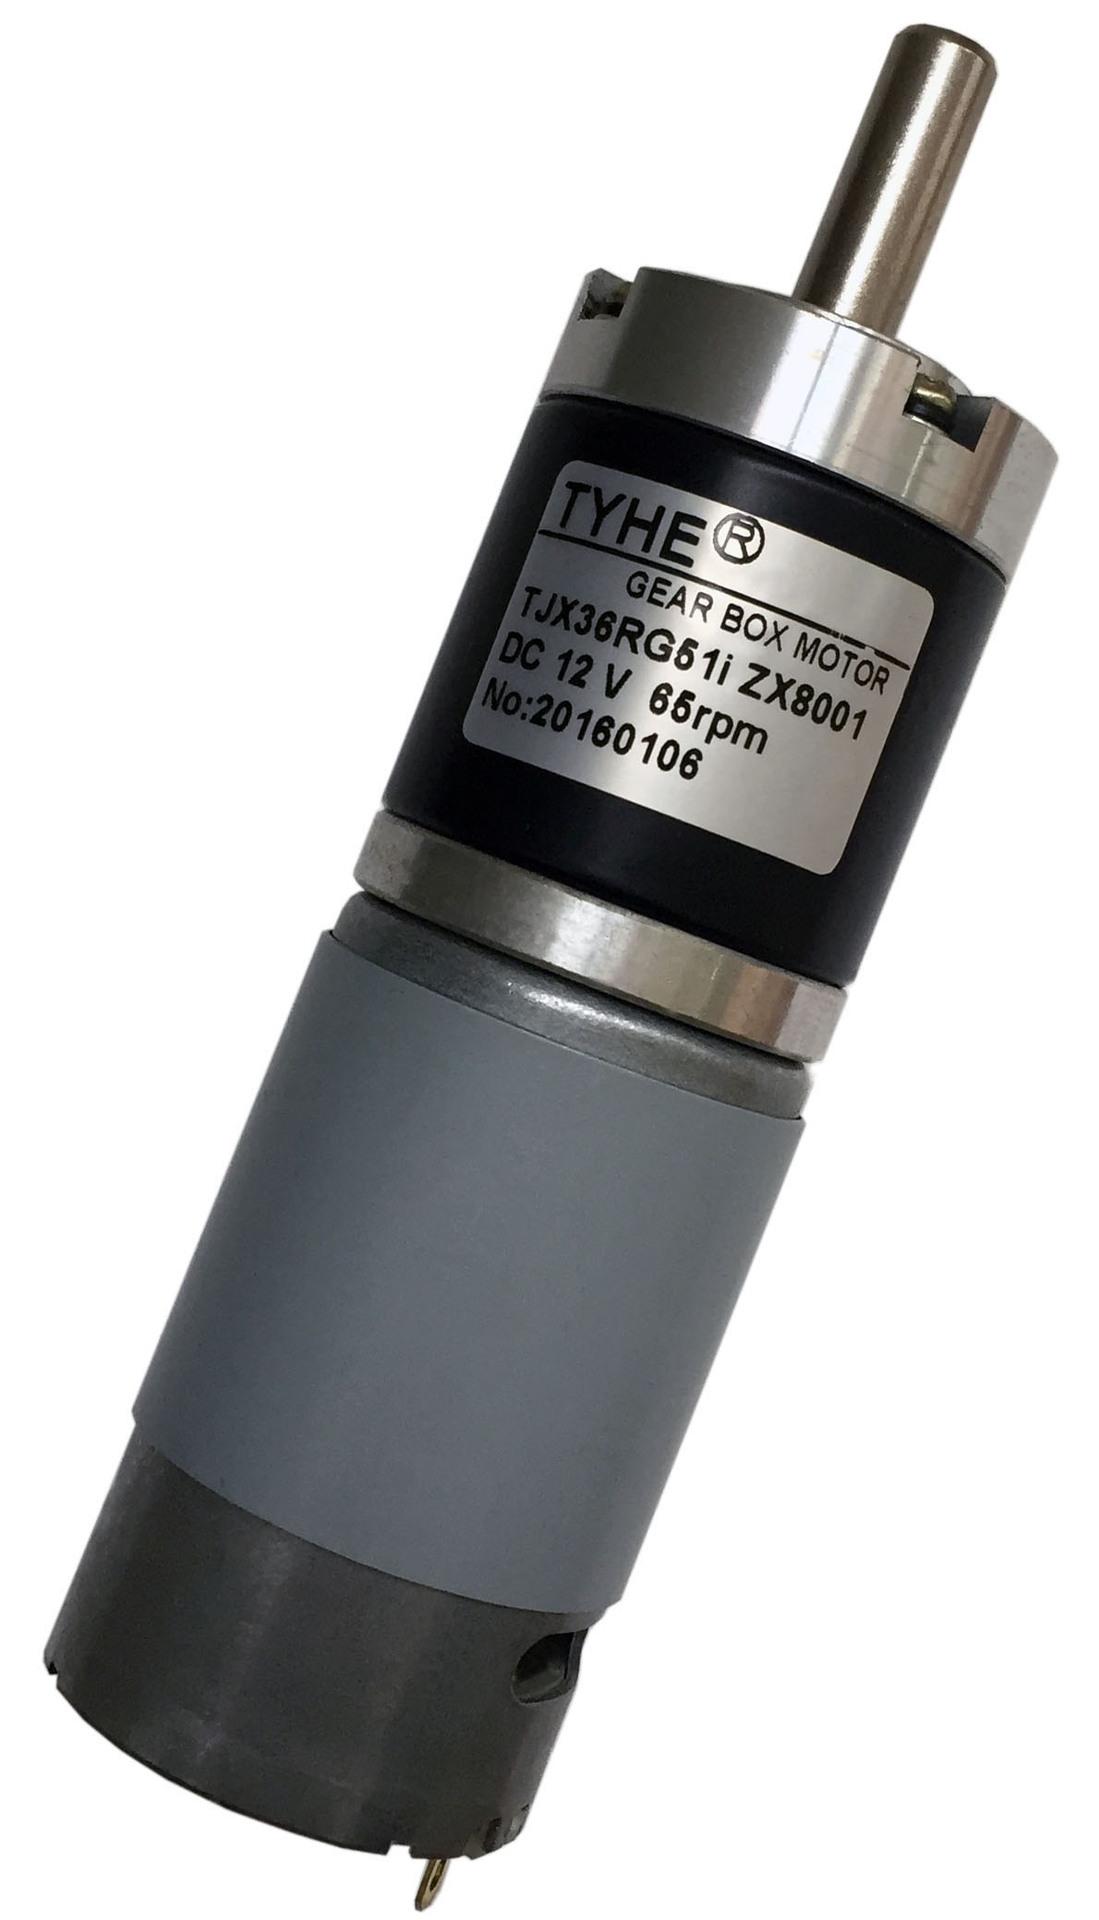 TJX36RG-zp5